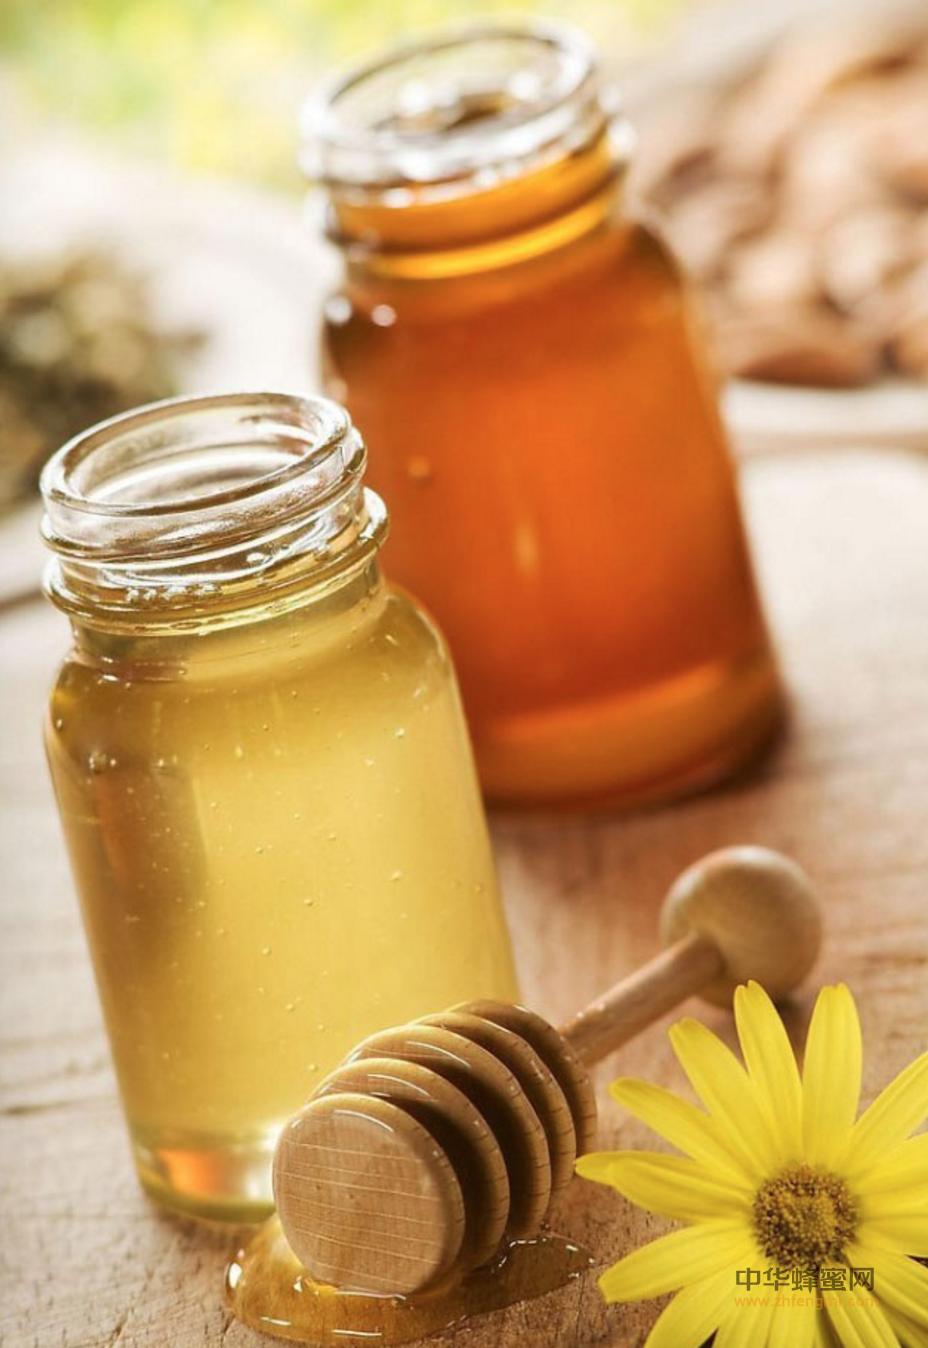 食品安全 蜂蜜质量 蜂产品 蜂蜜新闻